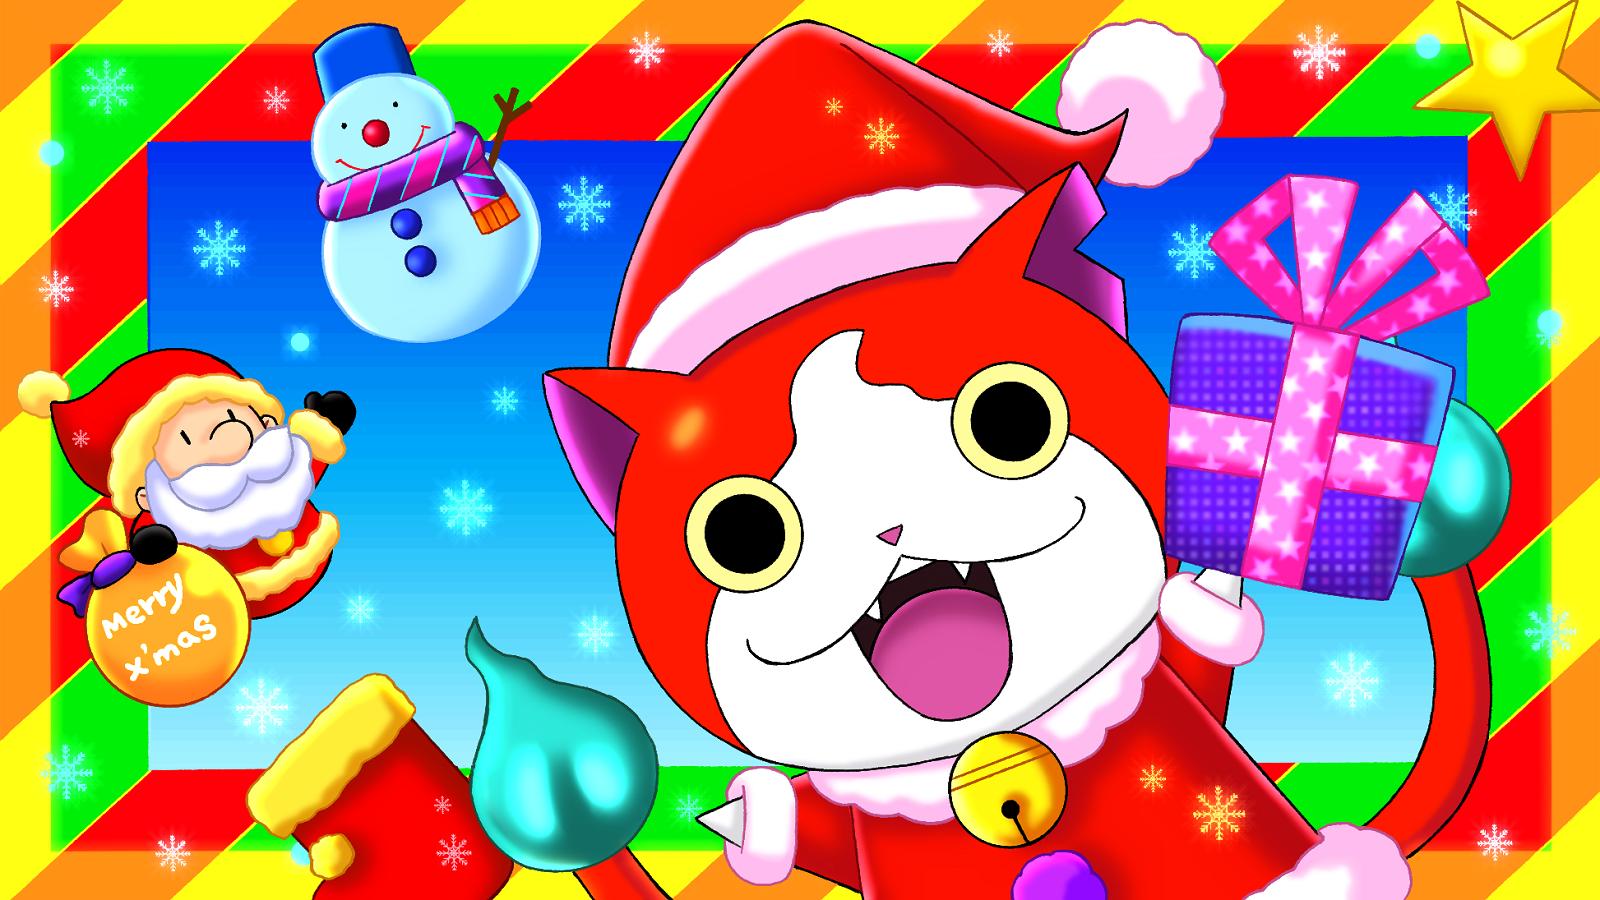 プラムのアトリエ 2014年 妖怪ウォッチ クリスマス ジバニャン サンタ